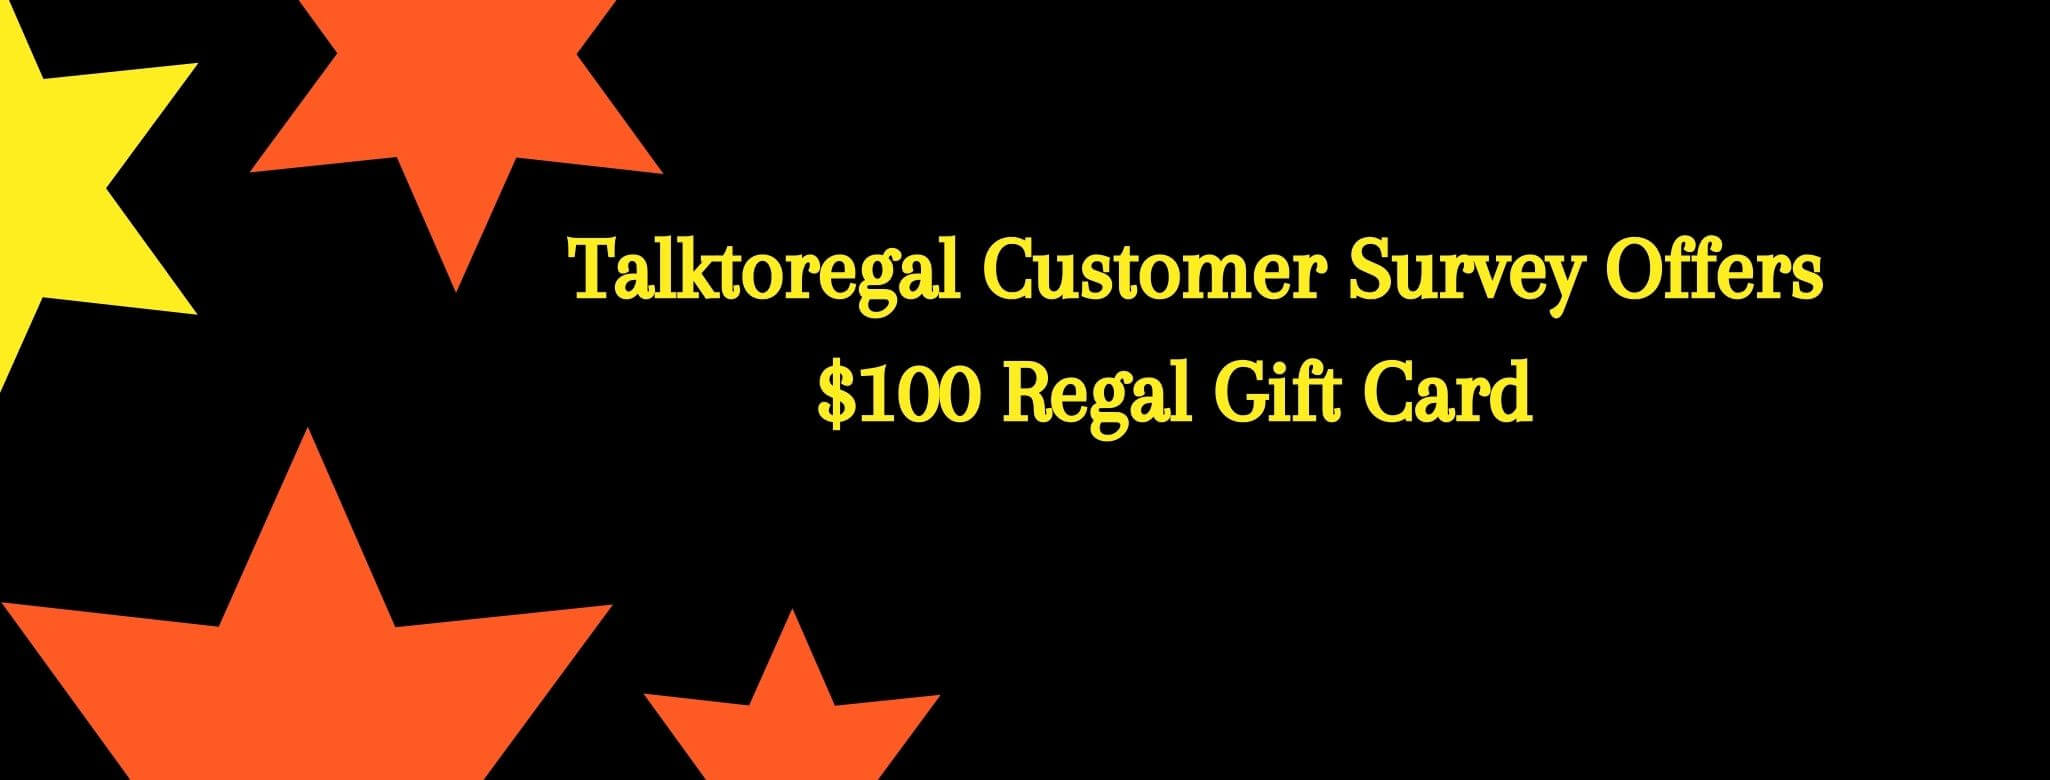 regal customer survey